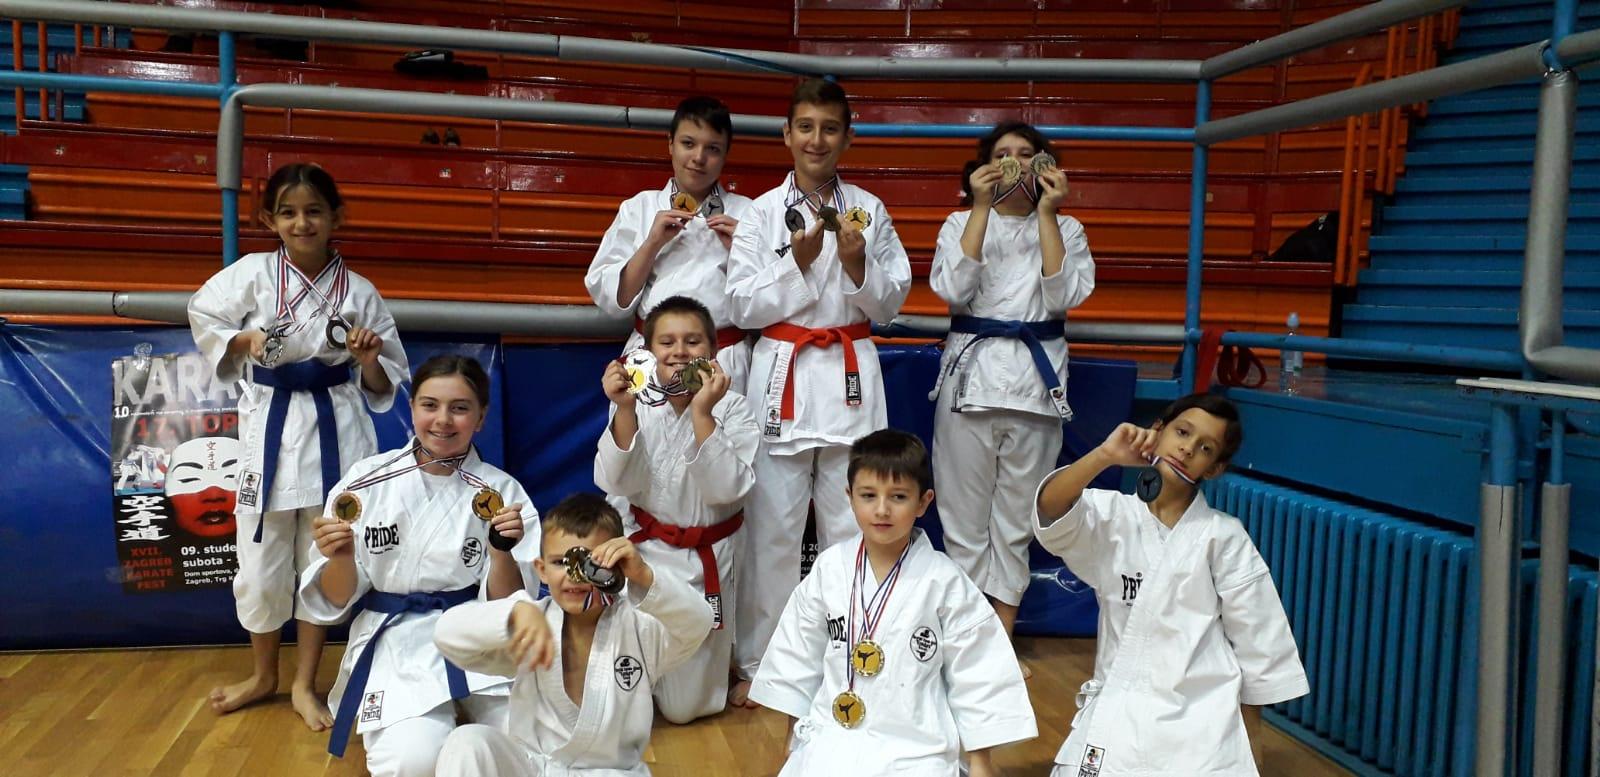 Sedamnaest novih medalja za karatiste Kondure